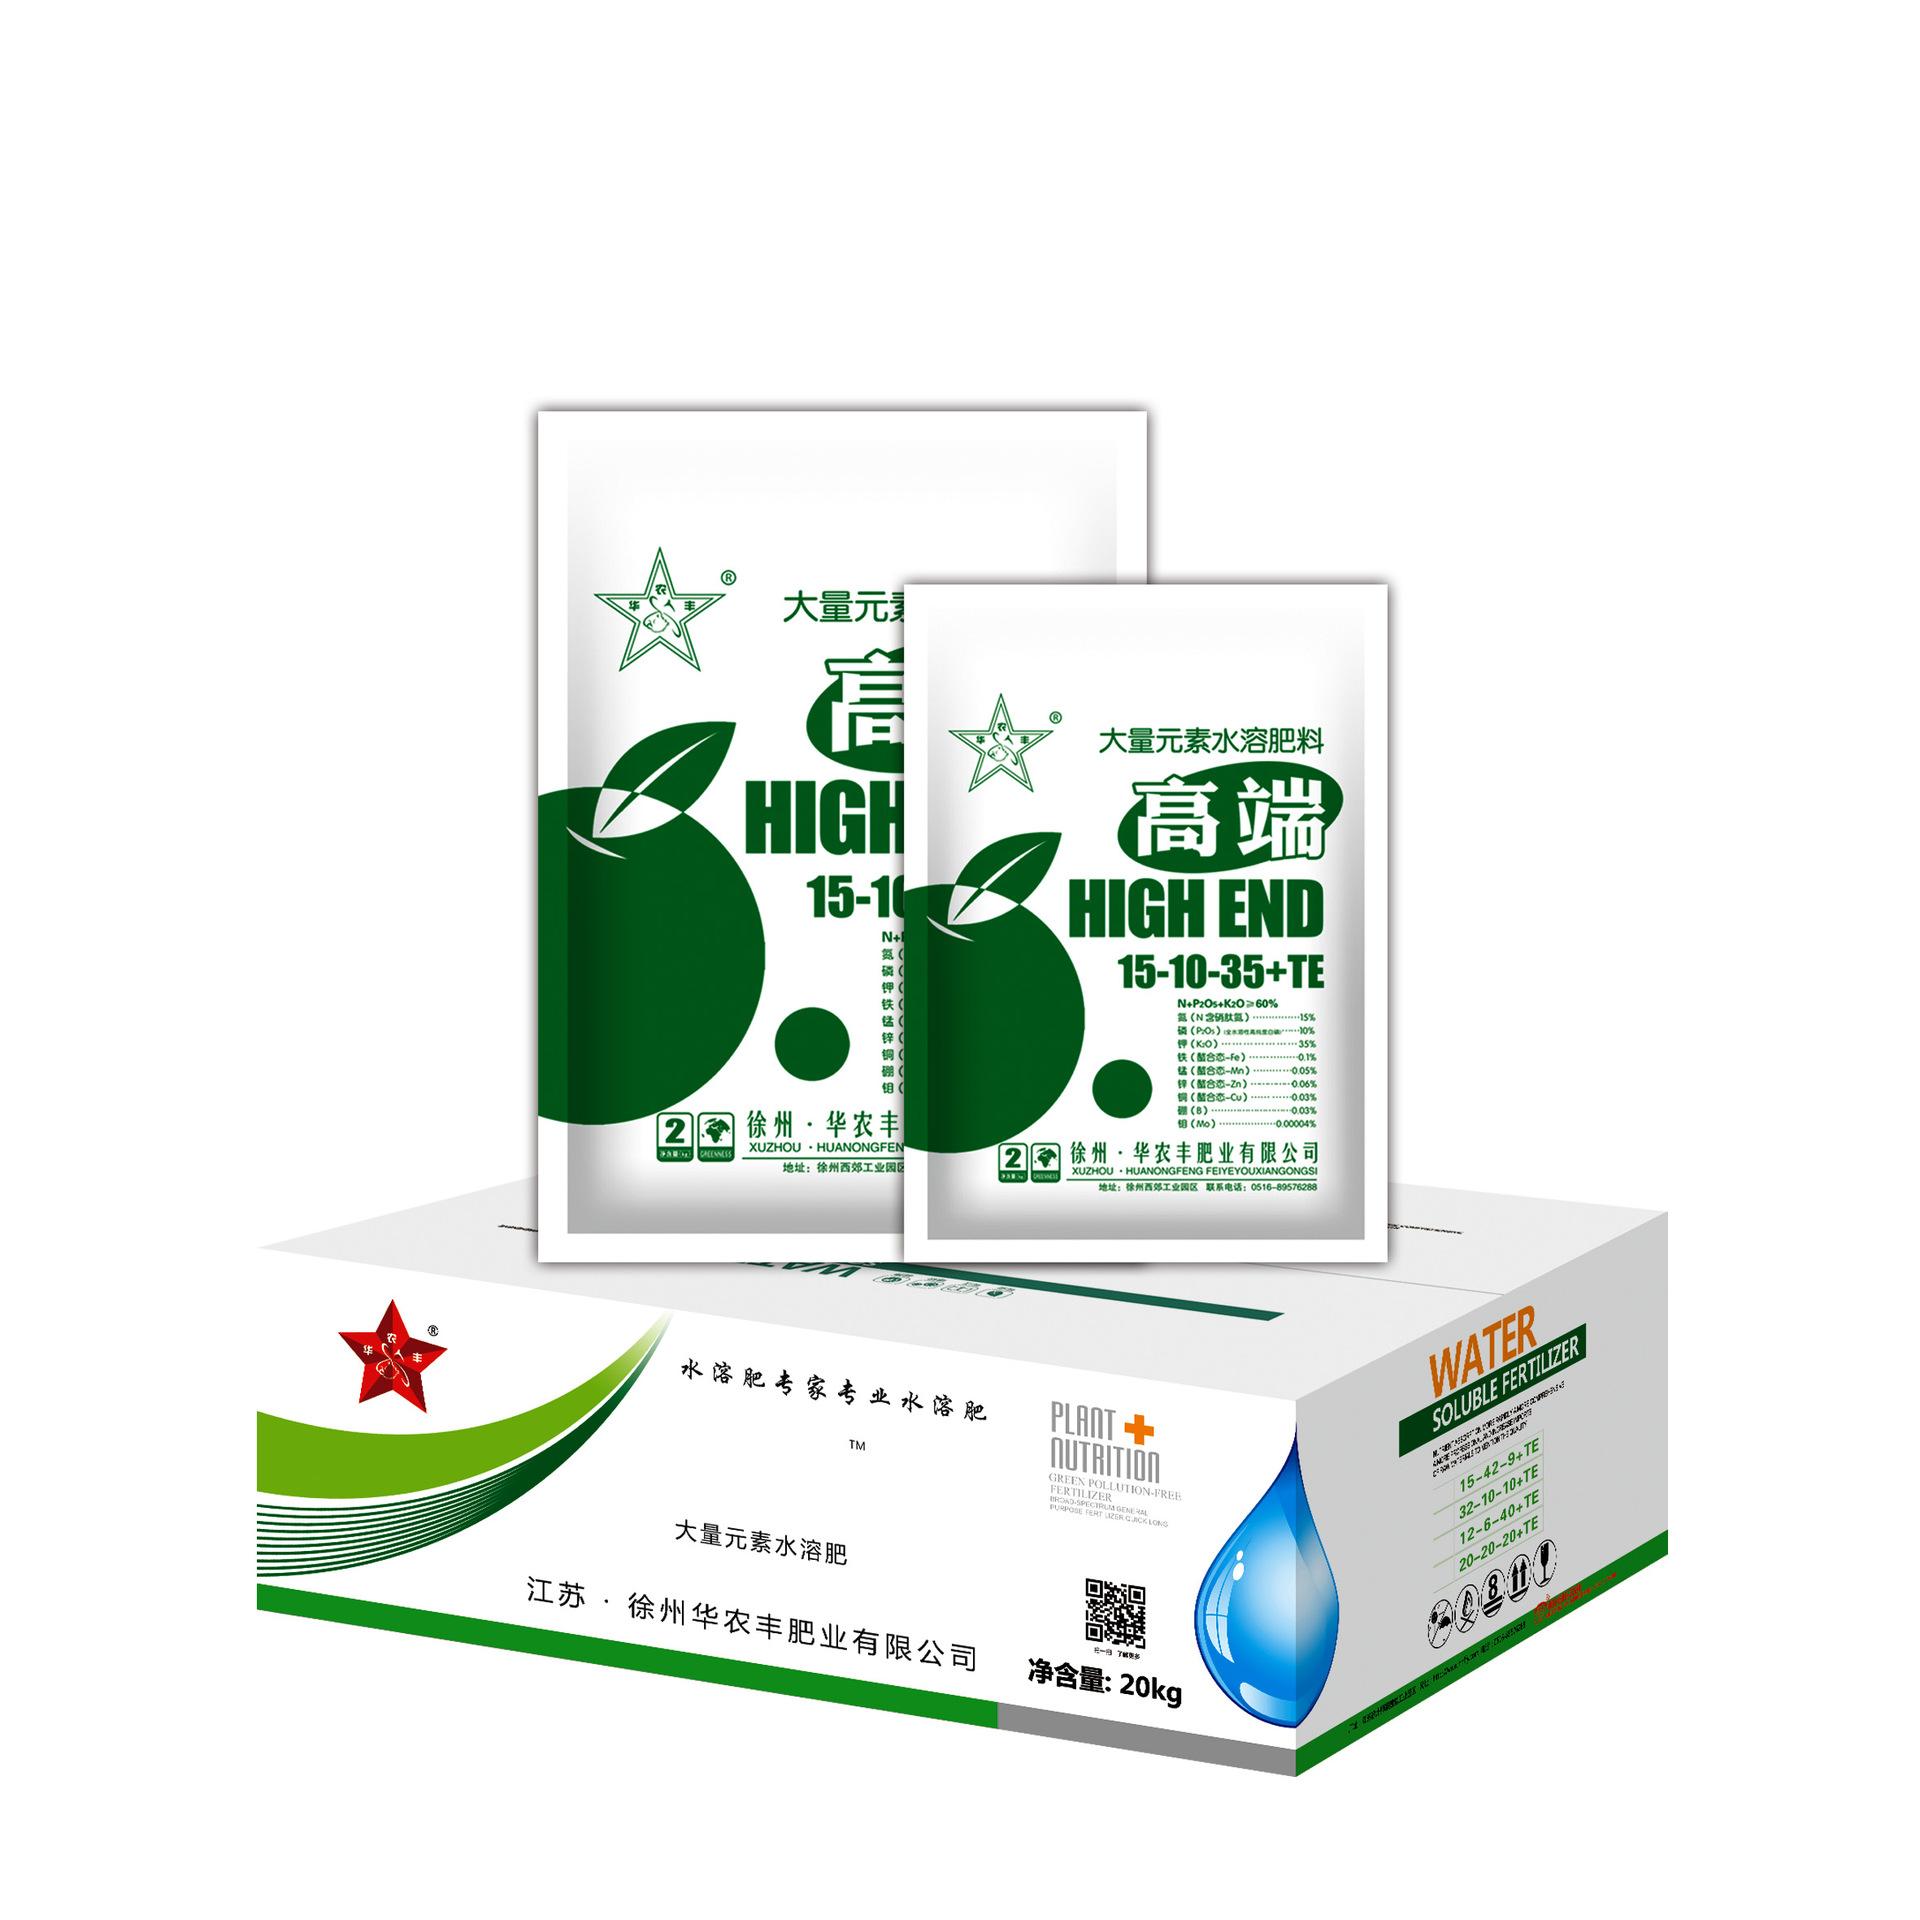 高端 大量元素 水溶肥 华农丰 批发 厂家直销 箱装 化肥料